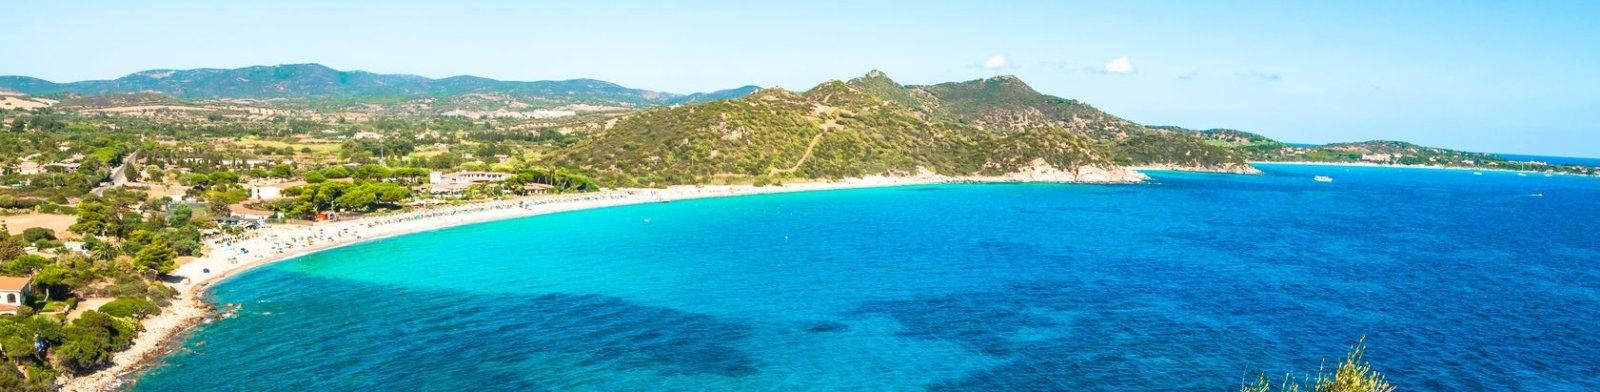 Sardinia South Coast holidays